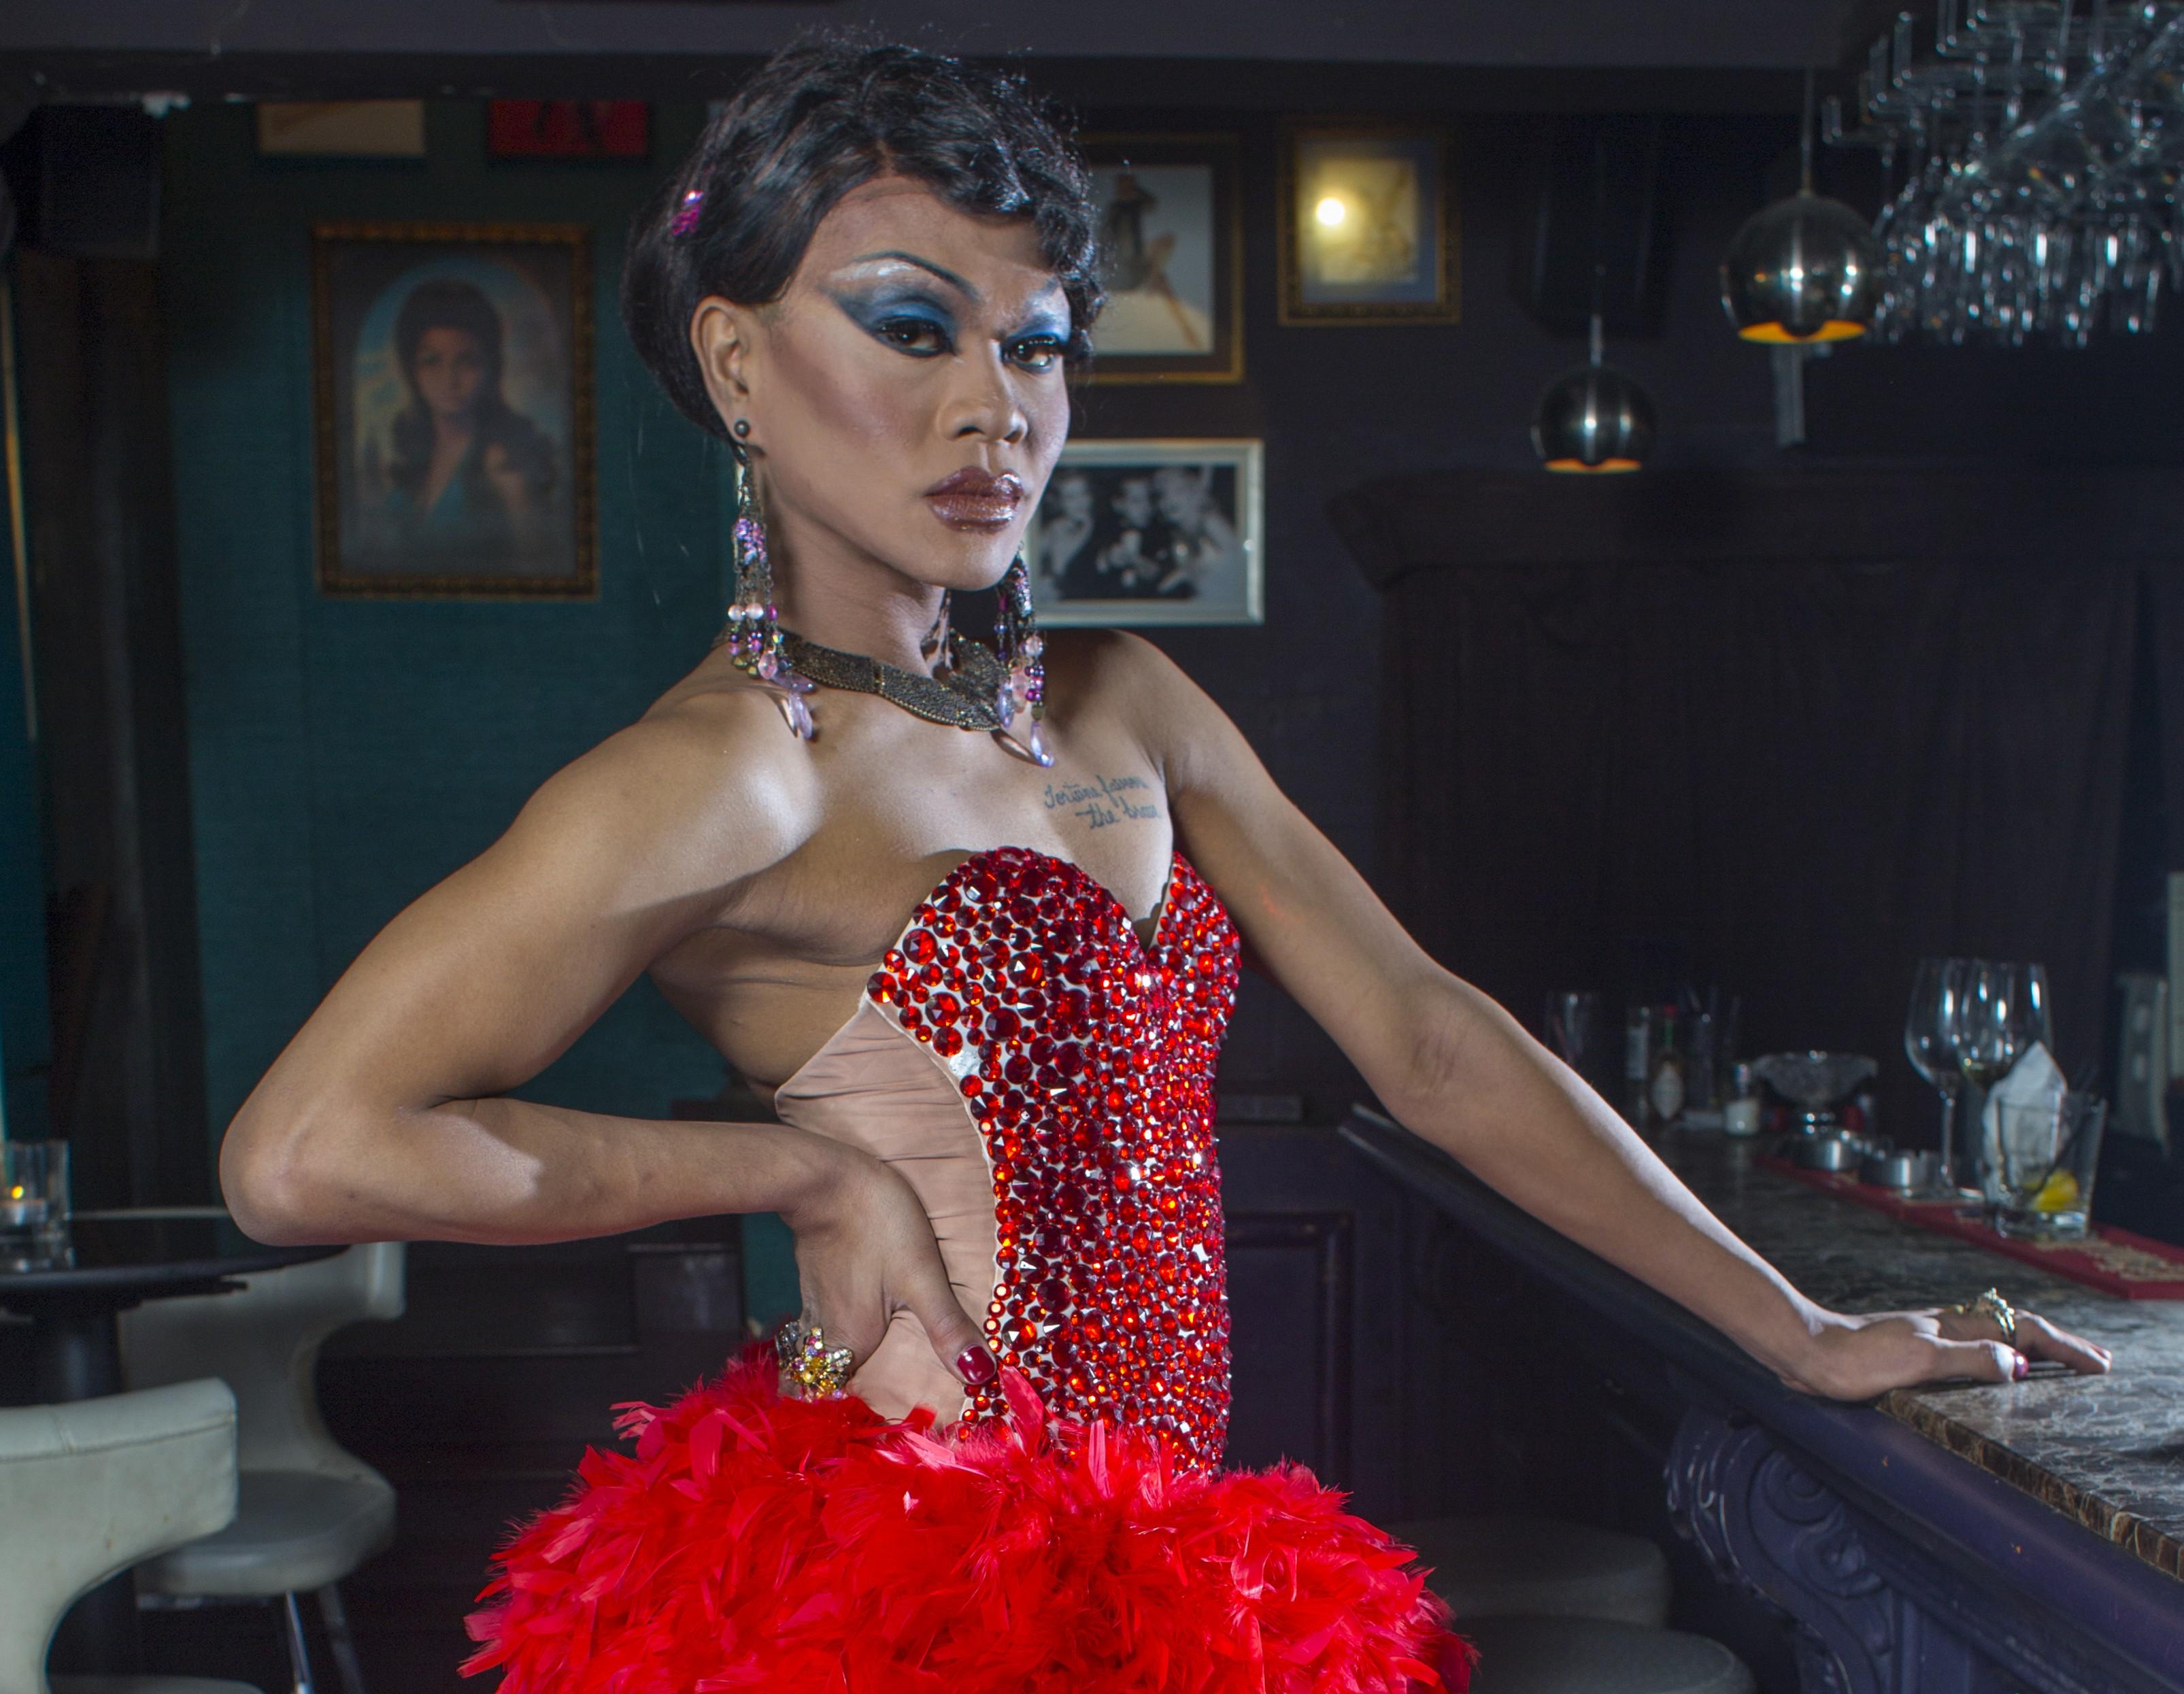 RuPaul's Drag Race stars Kim Chi and Naomi Smalls to show Hong Kong